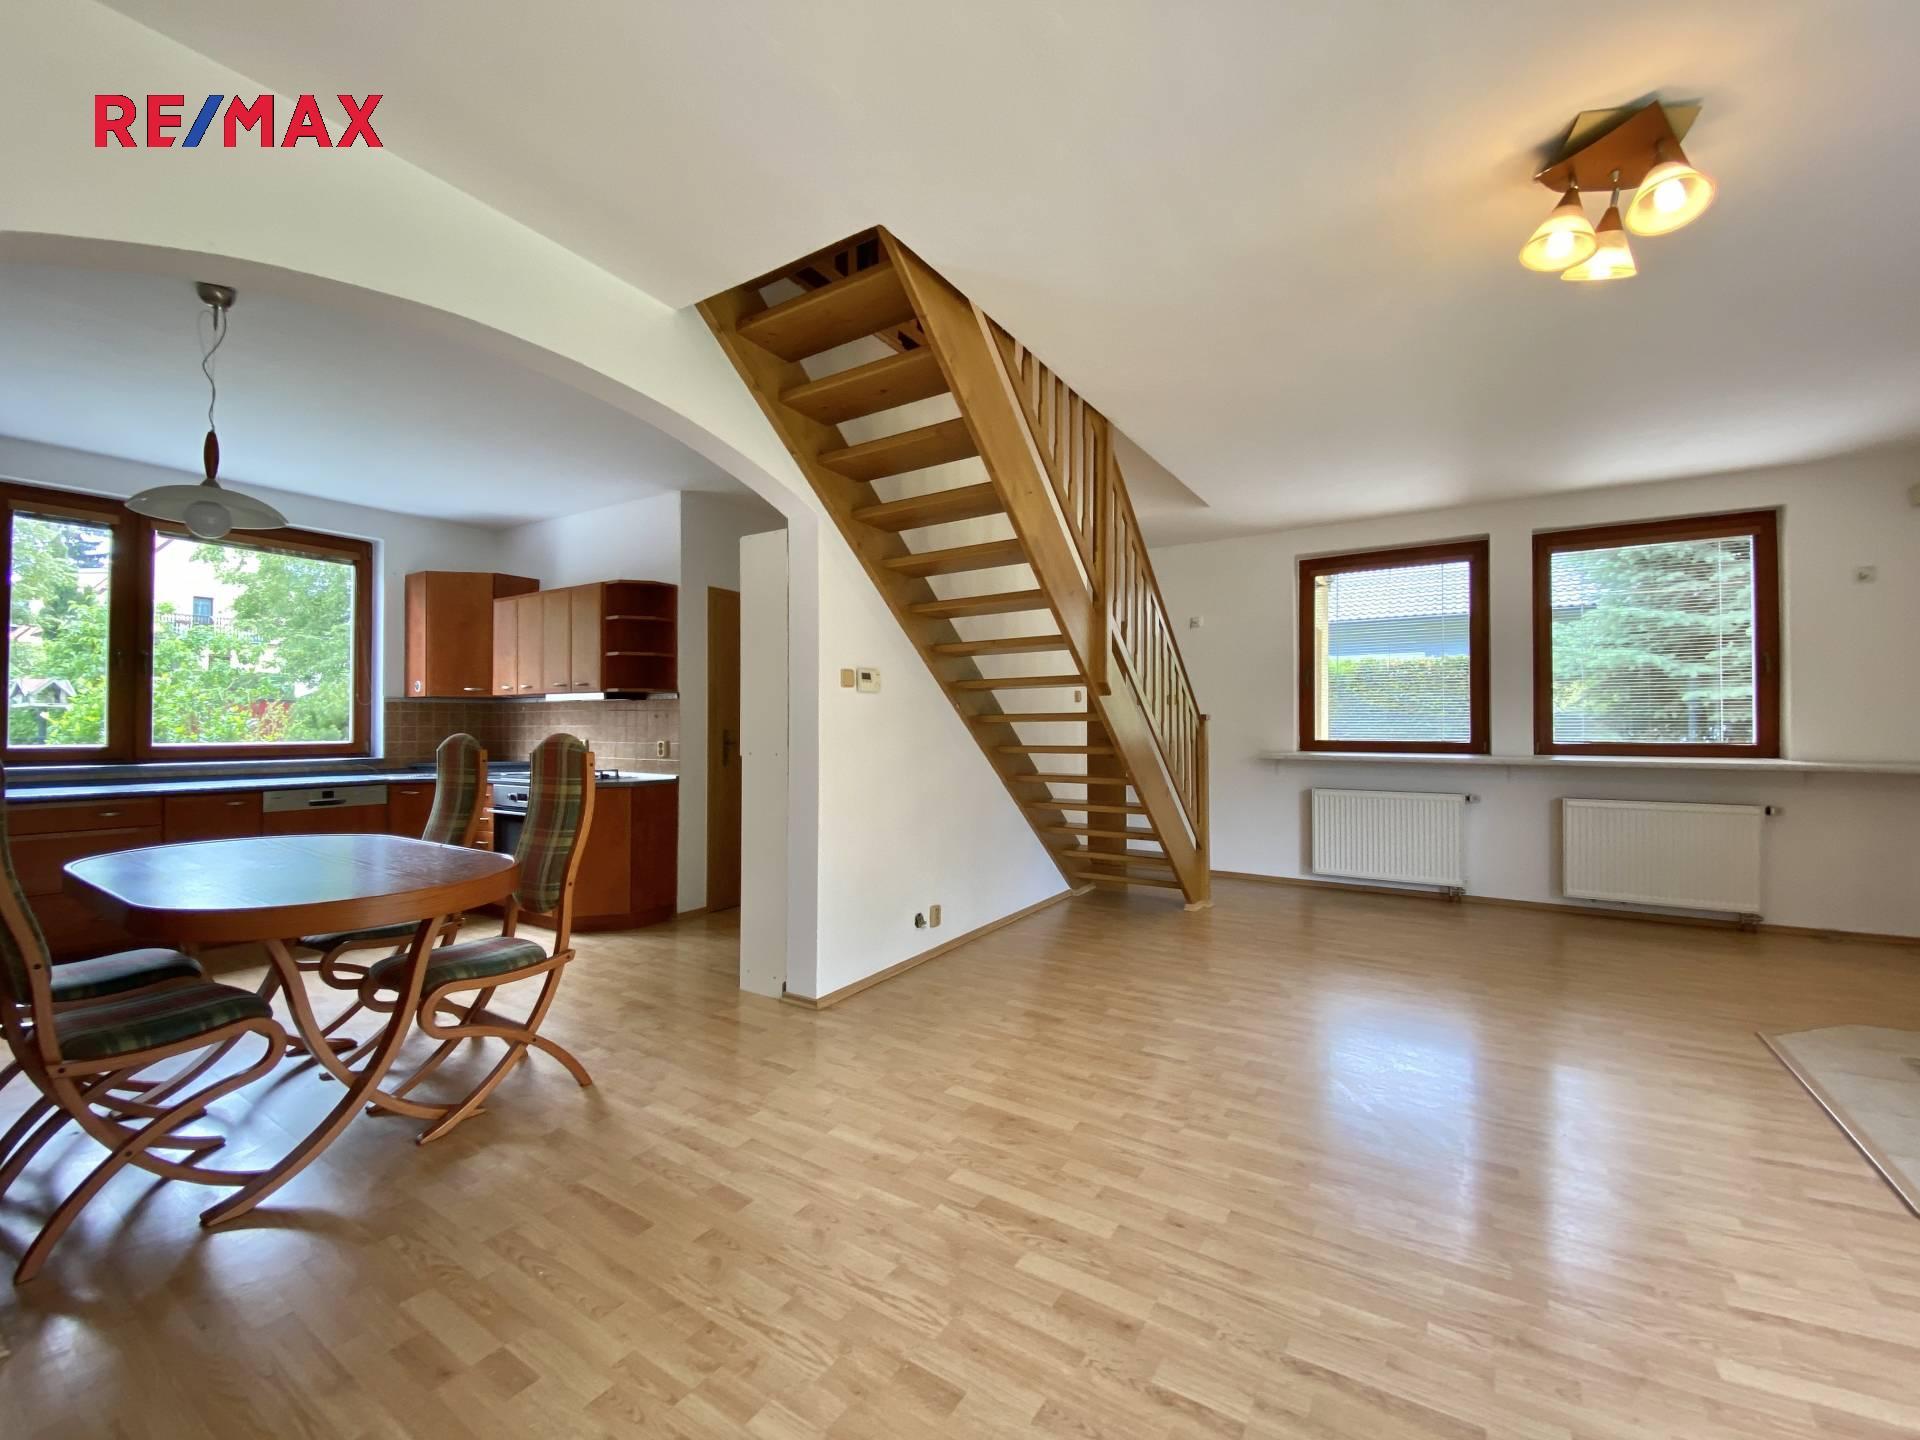 Prodej domu v osobním vlastnictví 130 m², Velké Přílepy